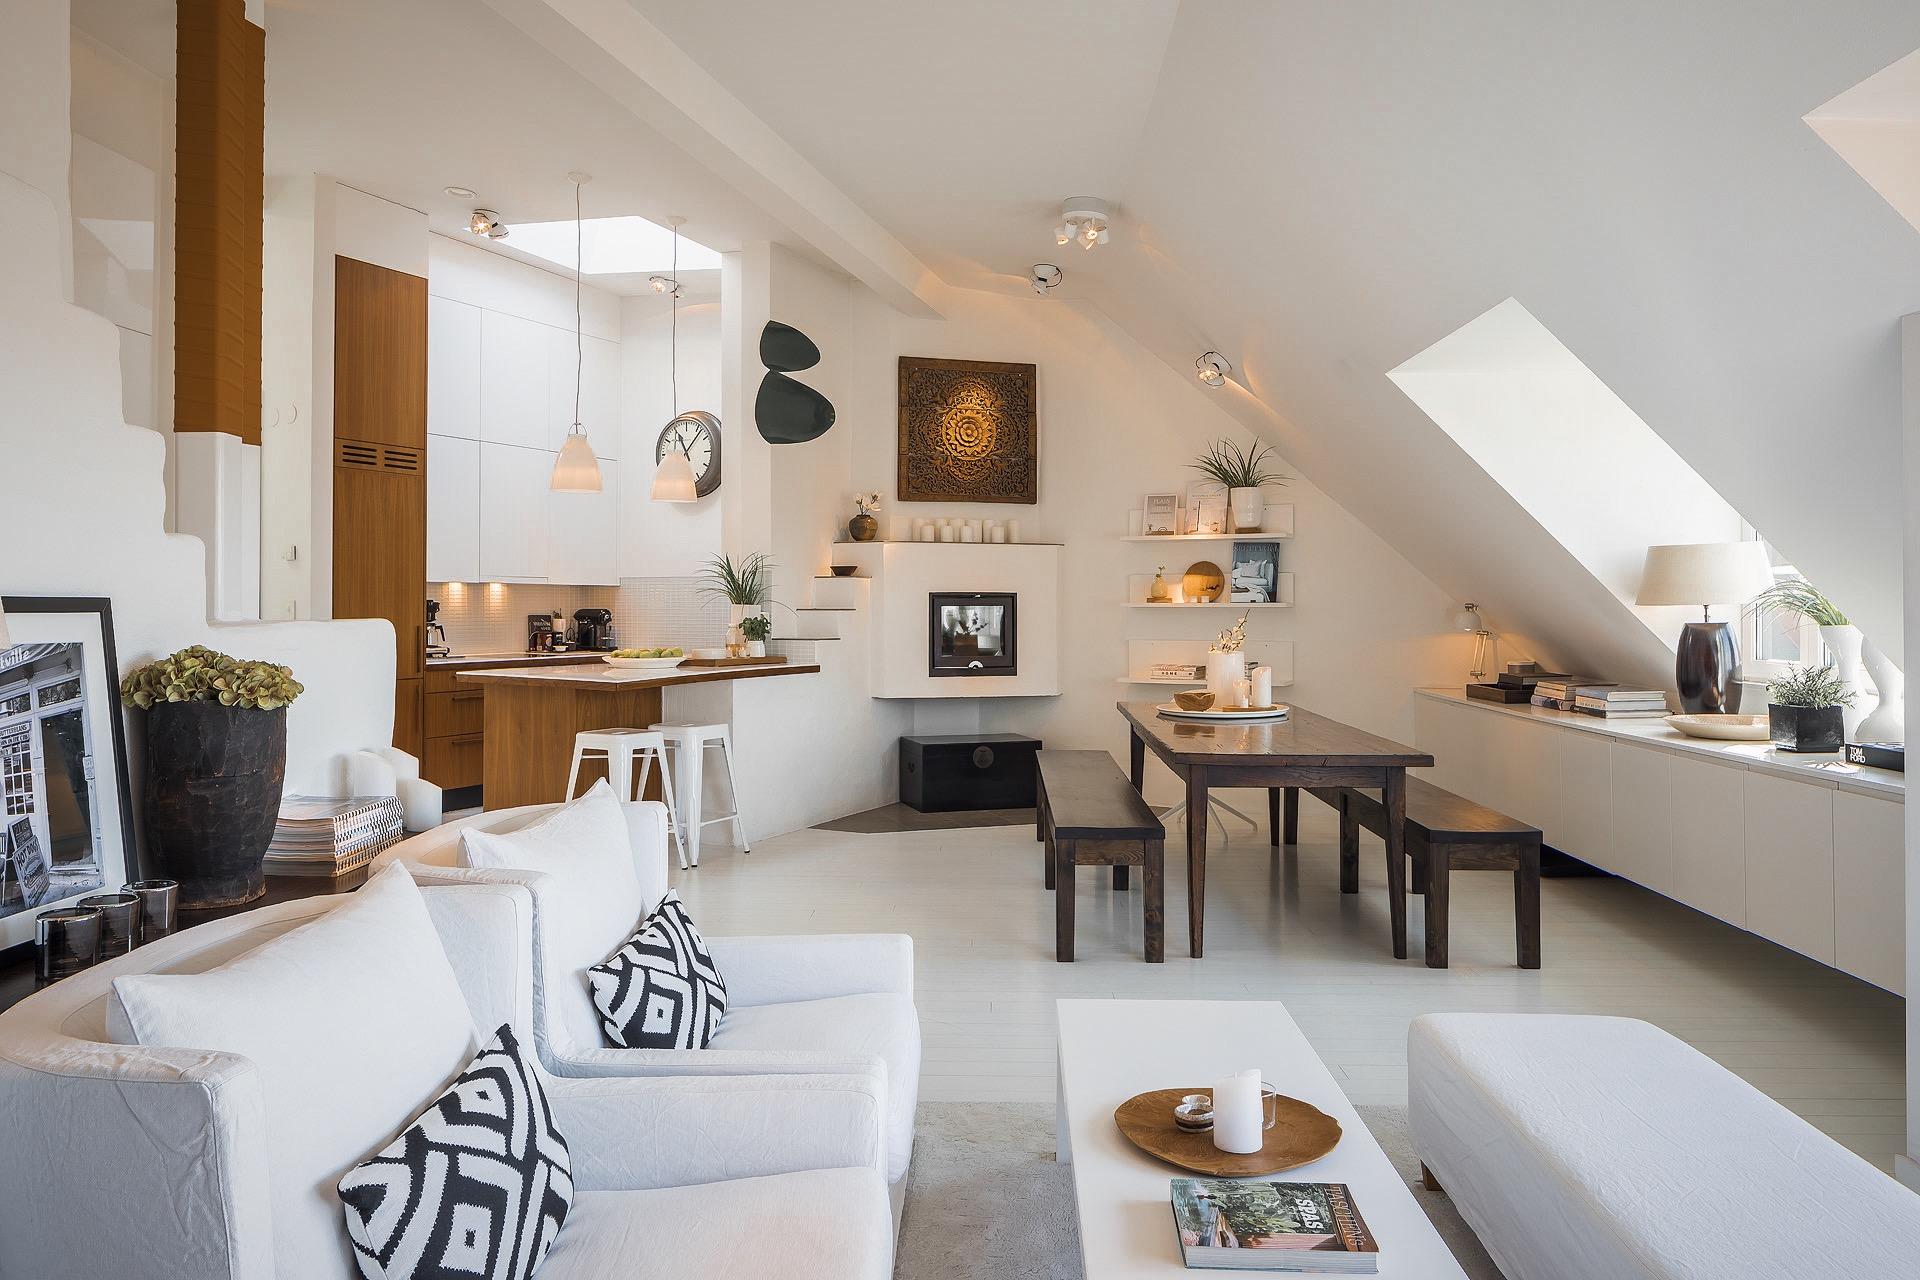 мансарда гостиная кухня столовая